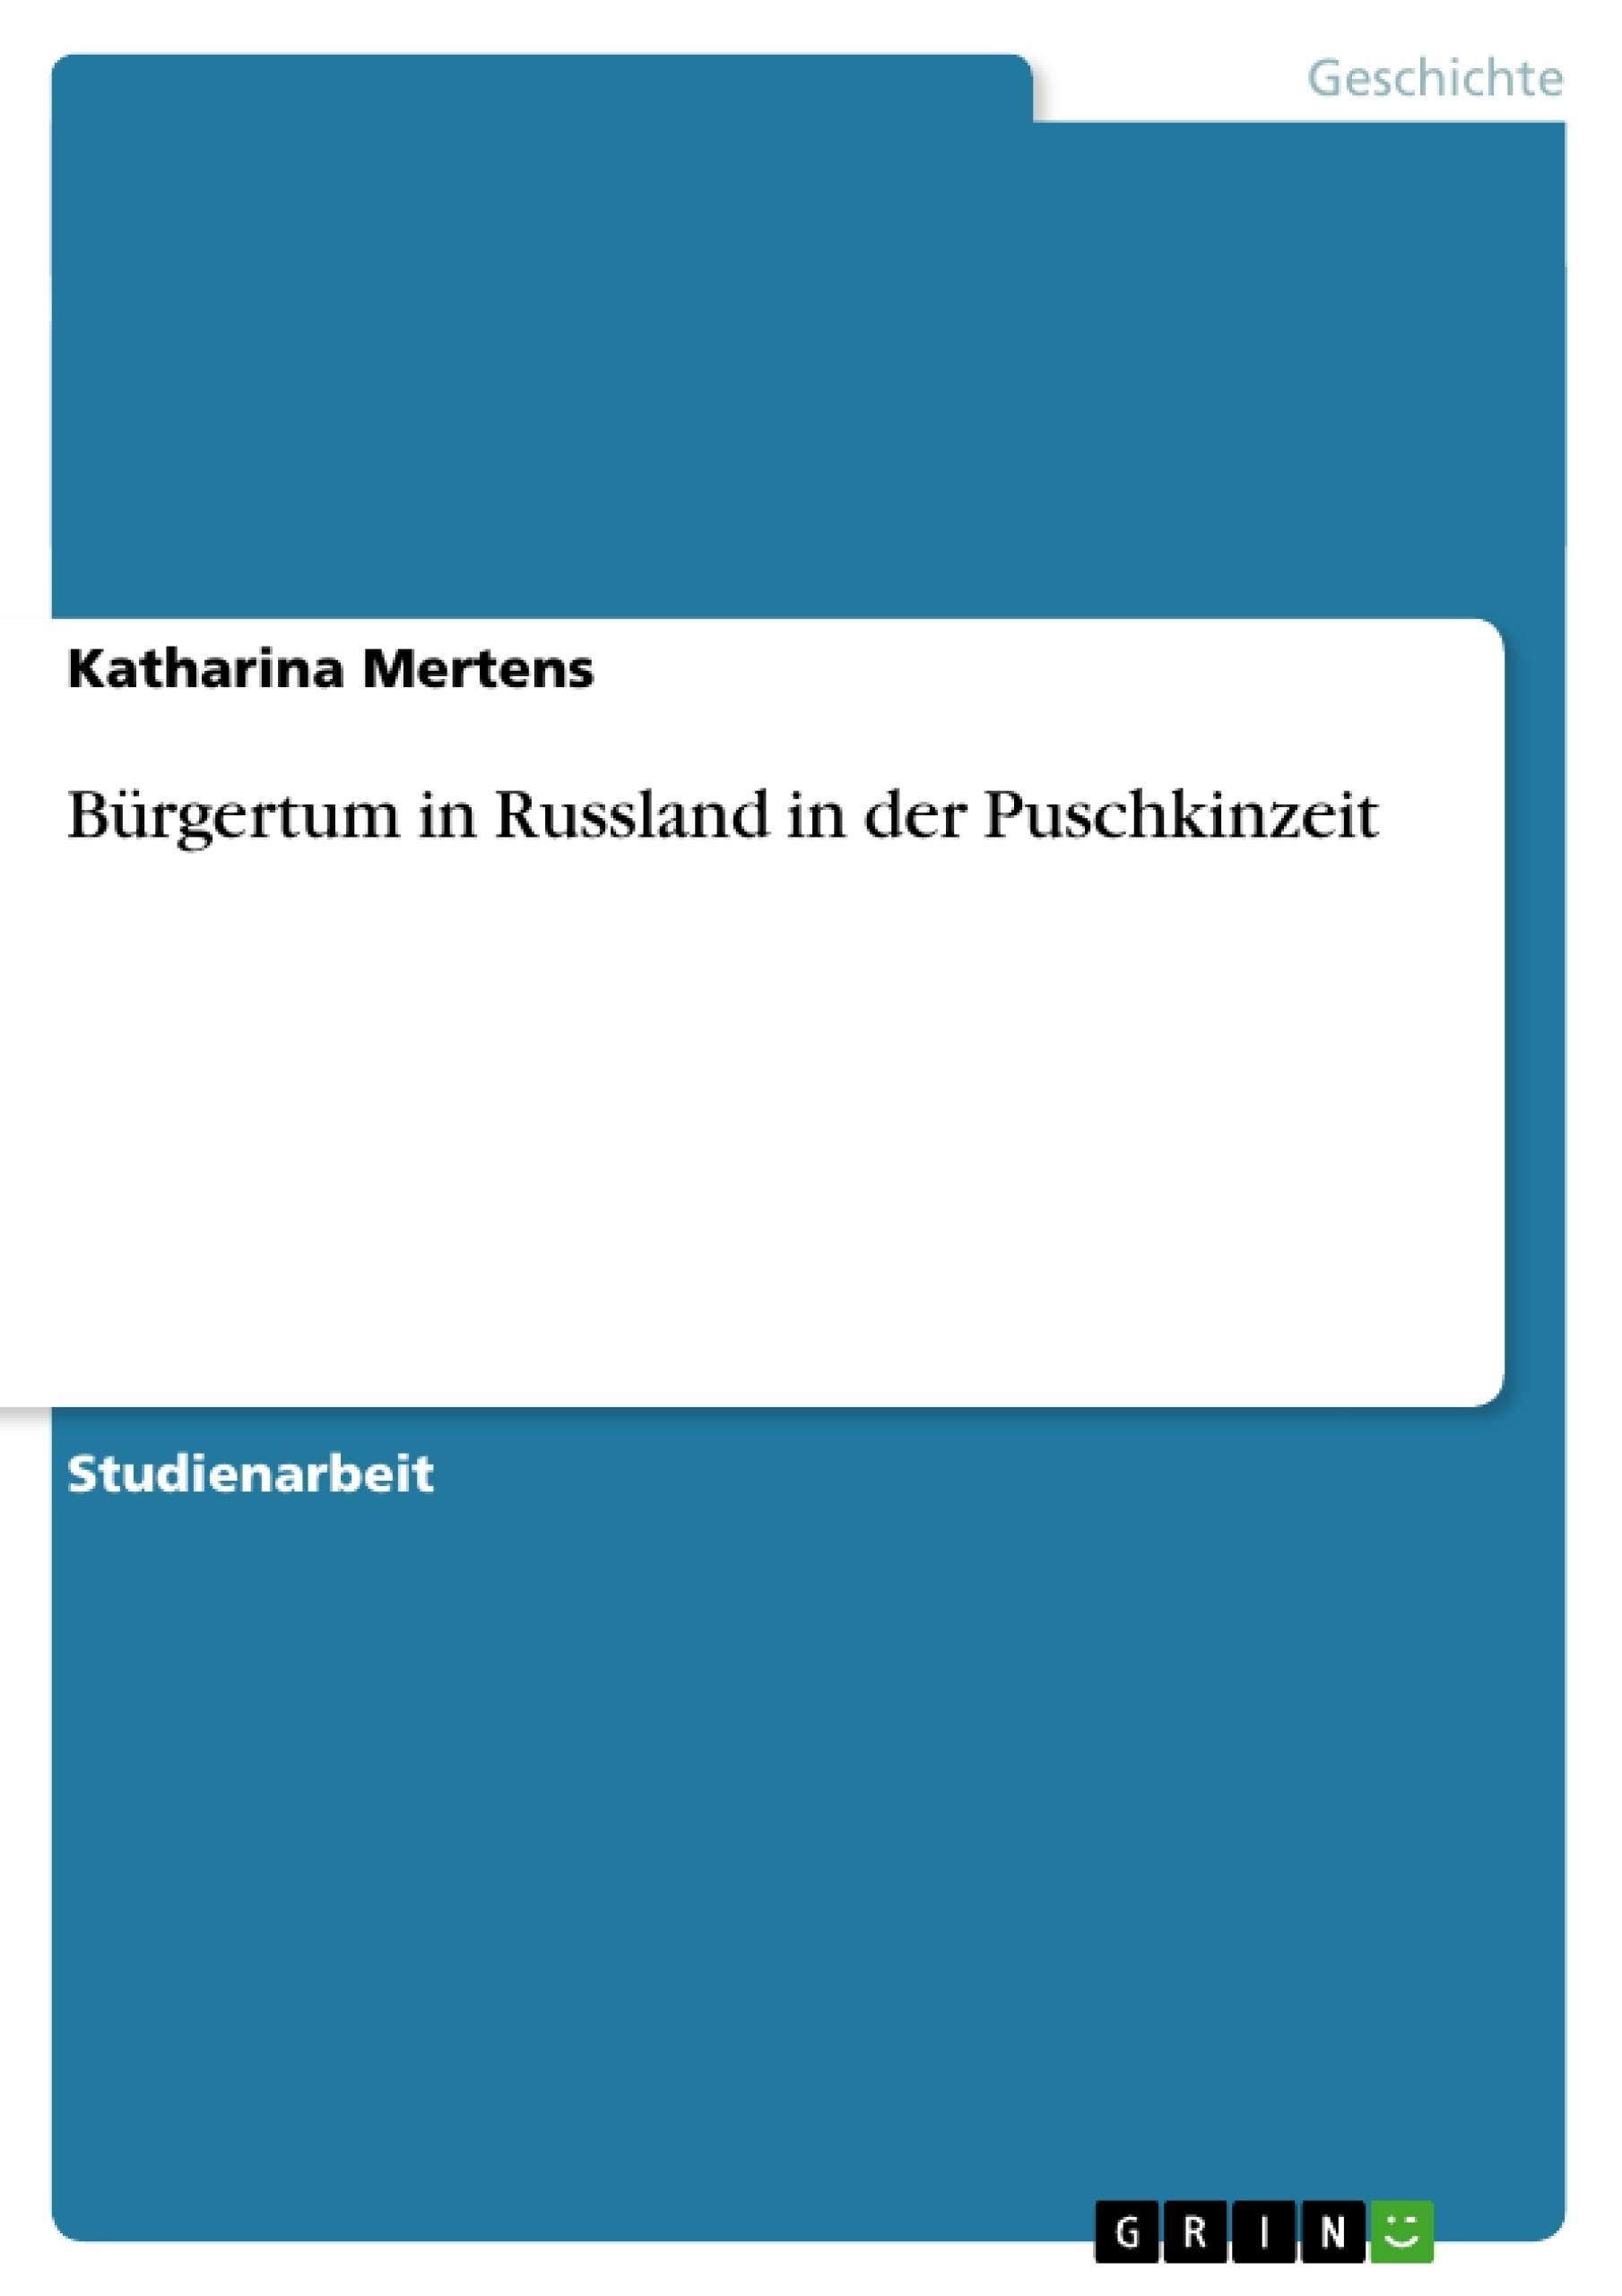 Titel: Bürgertum in Russland in der Puschkinzeit